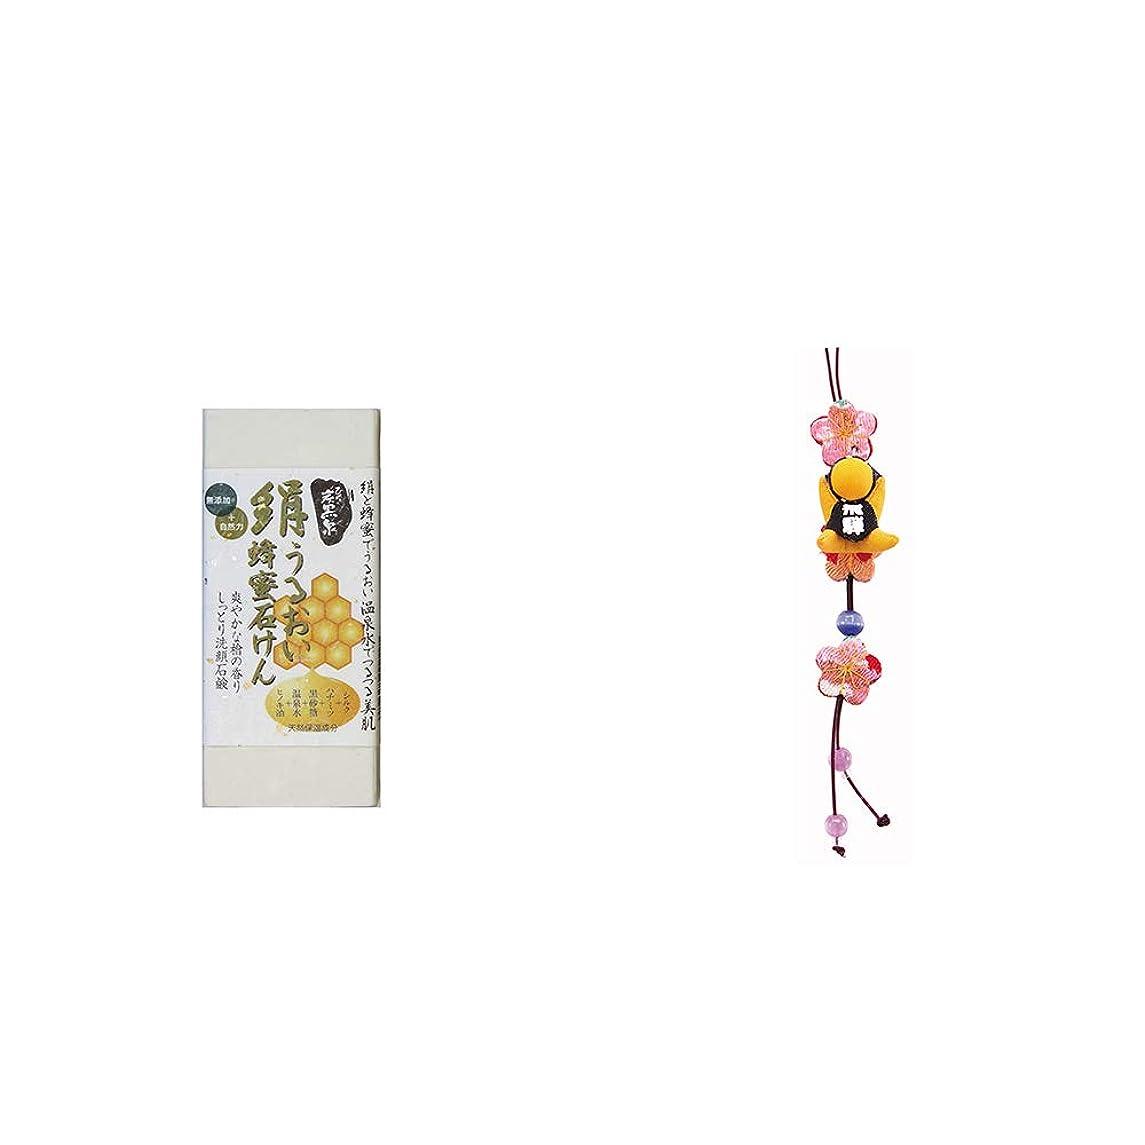 種をまく神経衰弱殉教者[2点セット] ひのき炭黒泉 絹うるおい蜂蜜石けん(75g×2)?豆さるぼぼ 和風ストラップ【黄】/ 縁結び?魔除け //